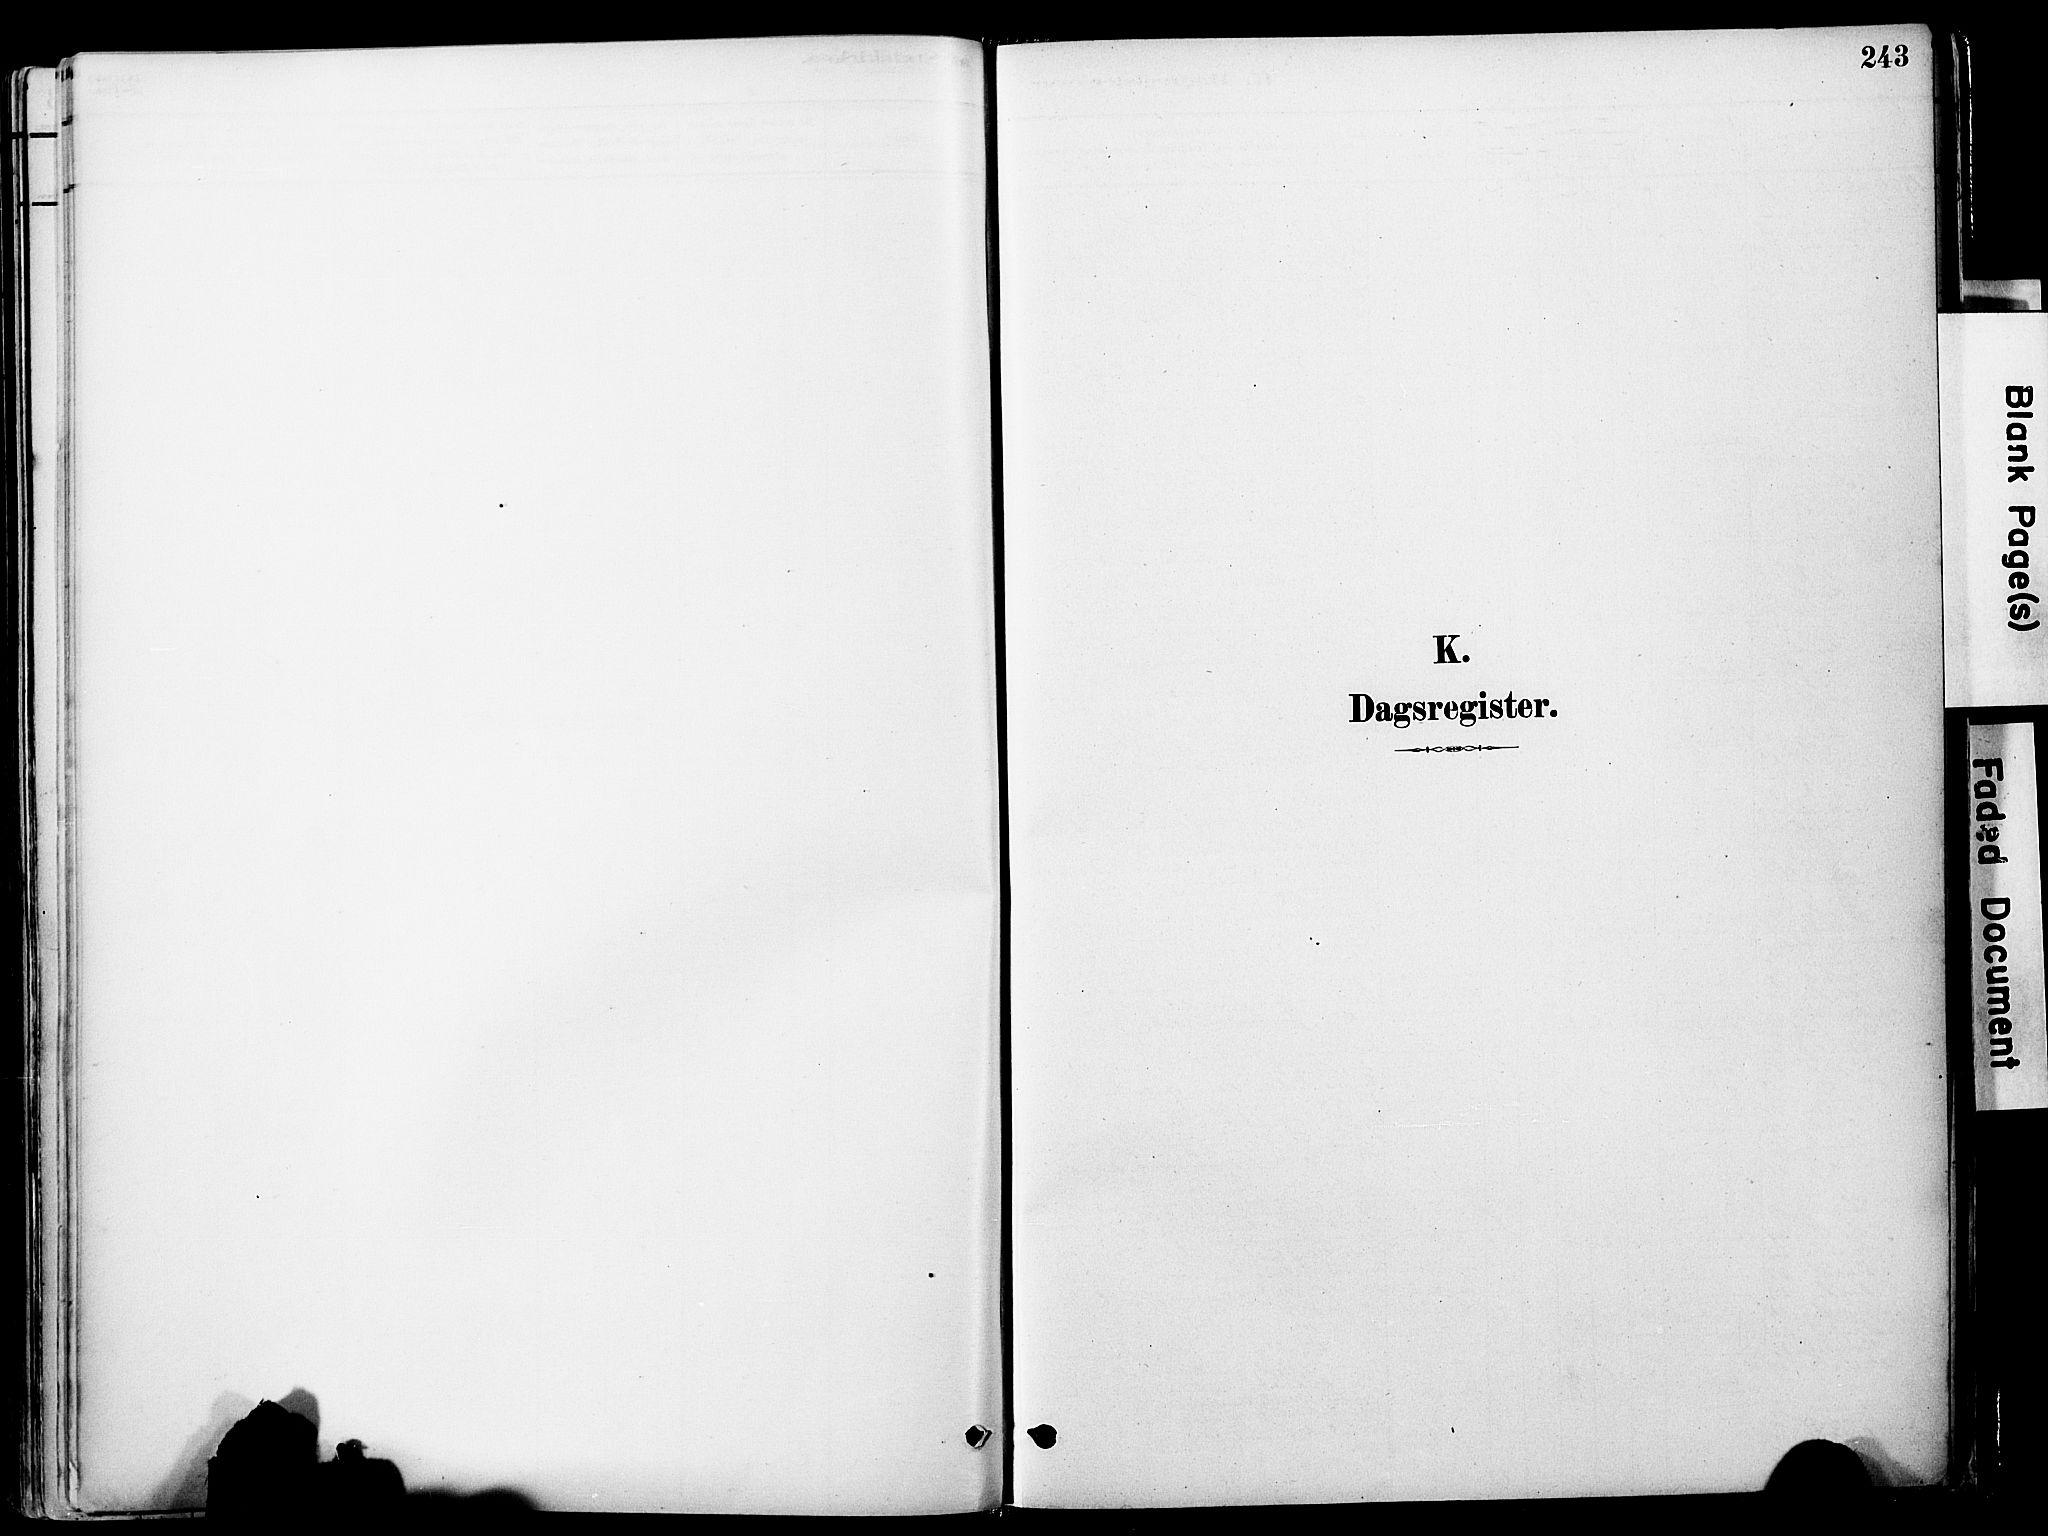 SAT, Ministerialprotokoller, klokkerbøker og fødselsregistre - Sør-Trøndelag, 681/L0933: Ministerialbok nr. 681A11, 1879-1890, s. 243